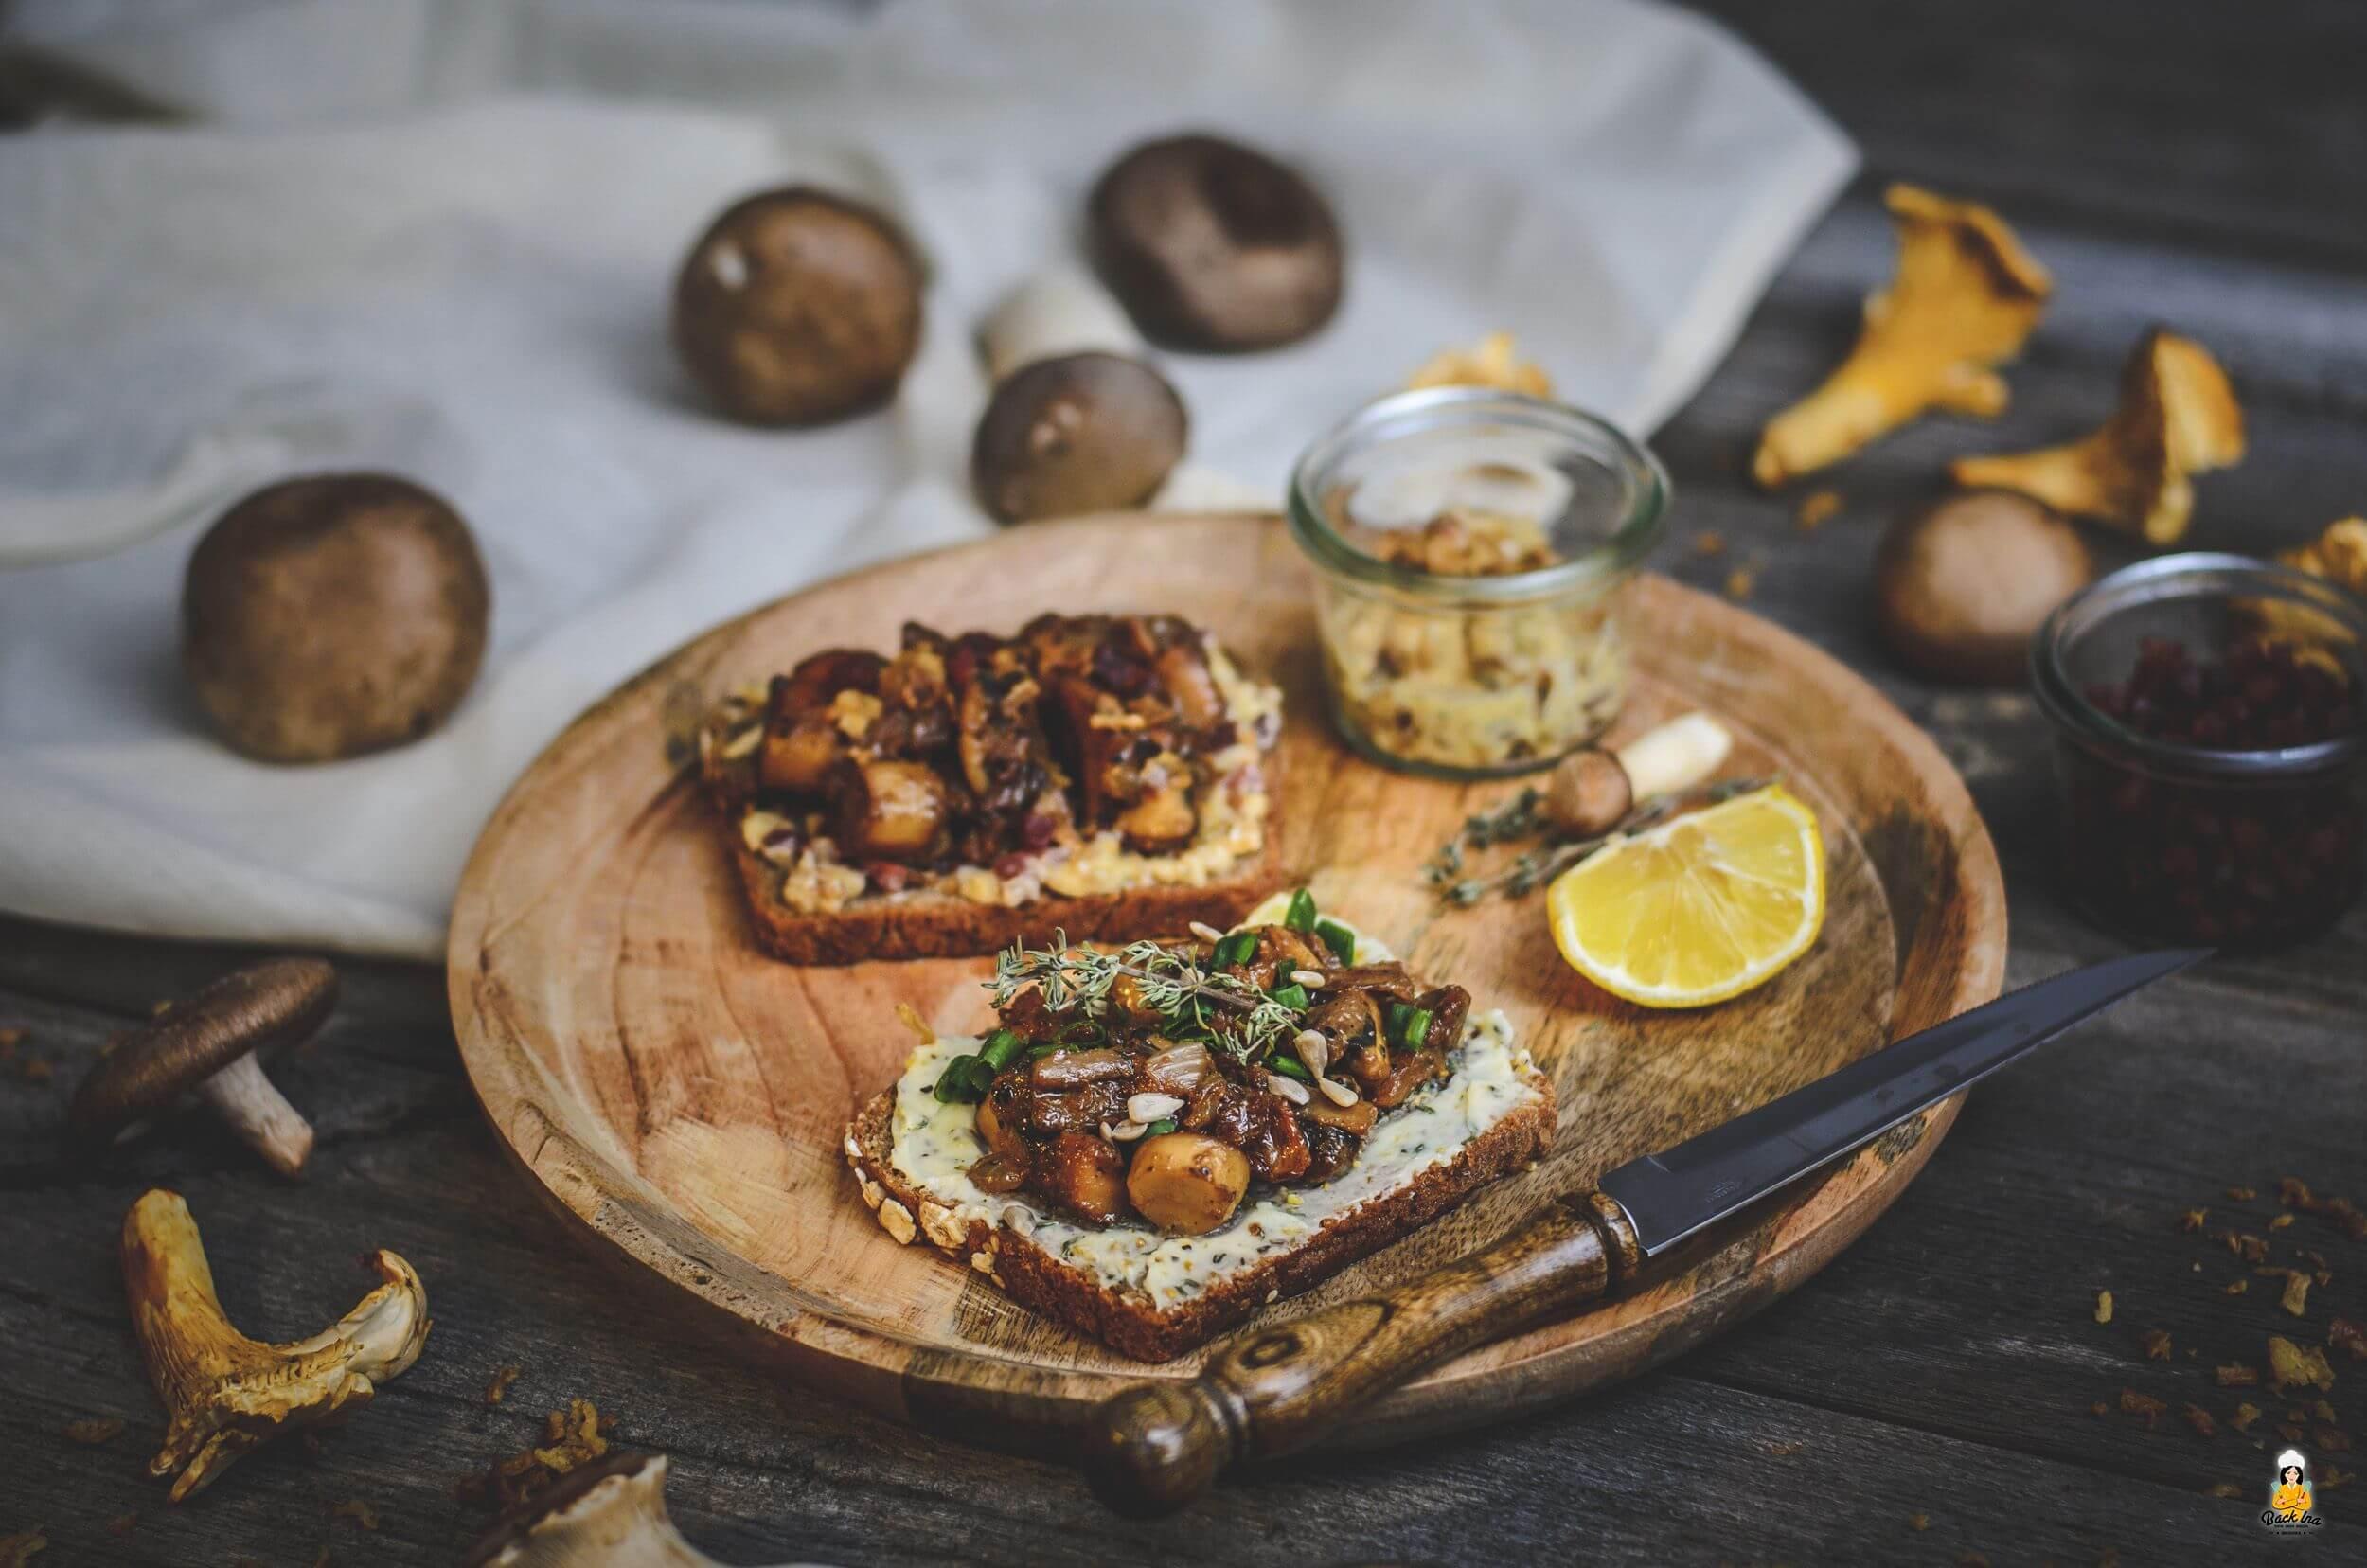 Herbstliche Vorspeise: Butterbrot mit Pilzen auf zweierlei Art